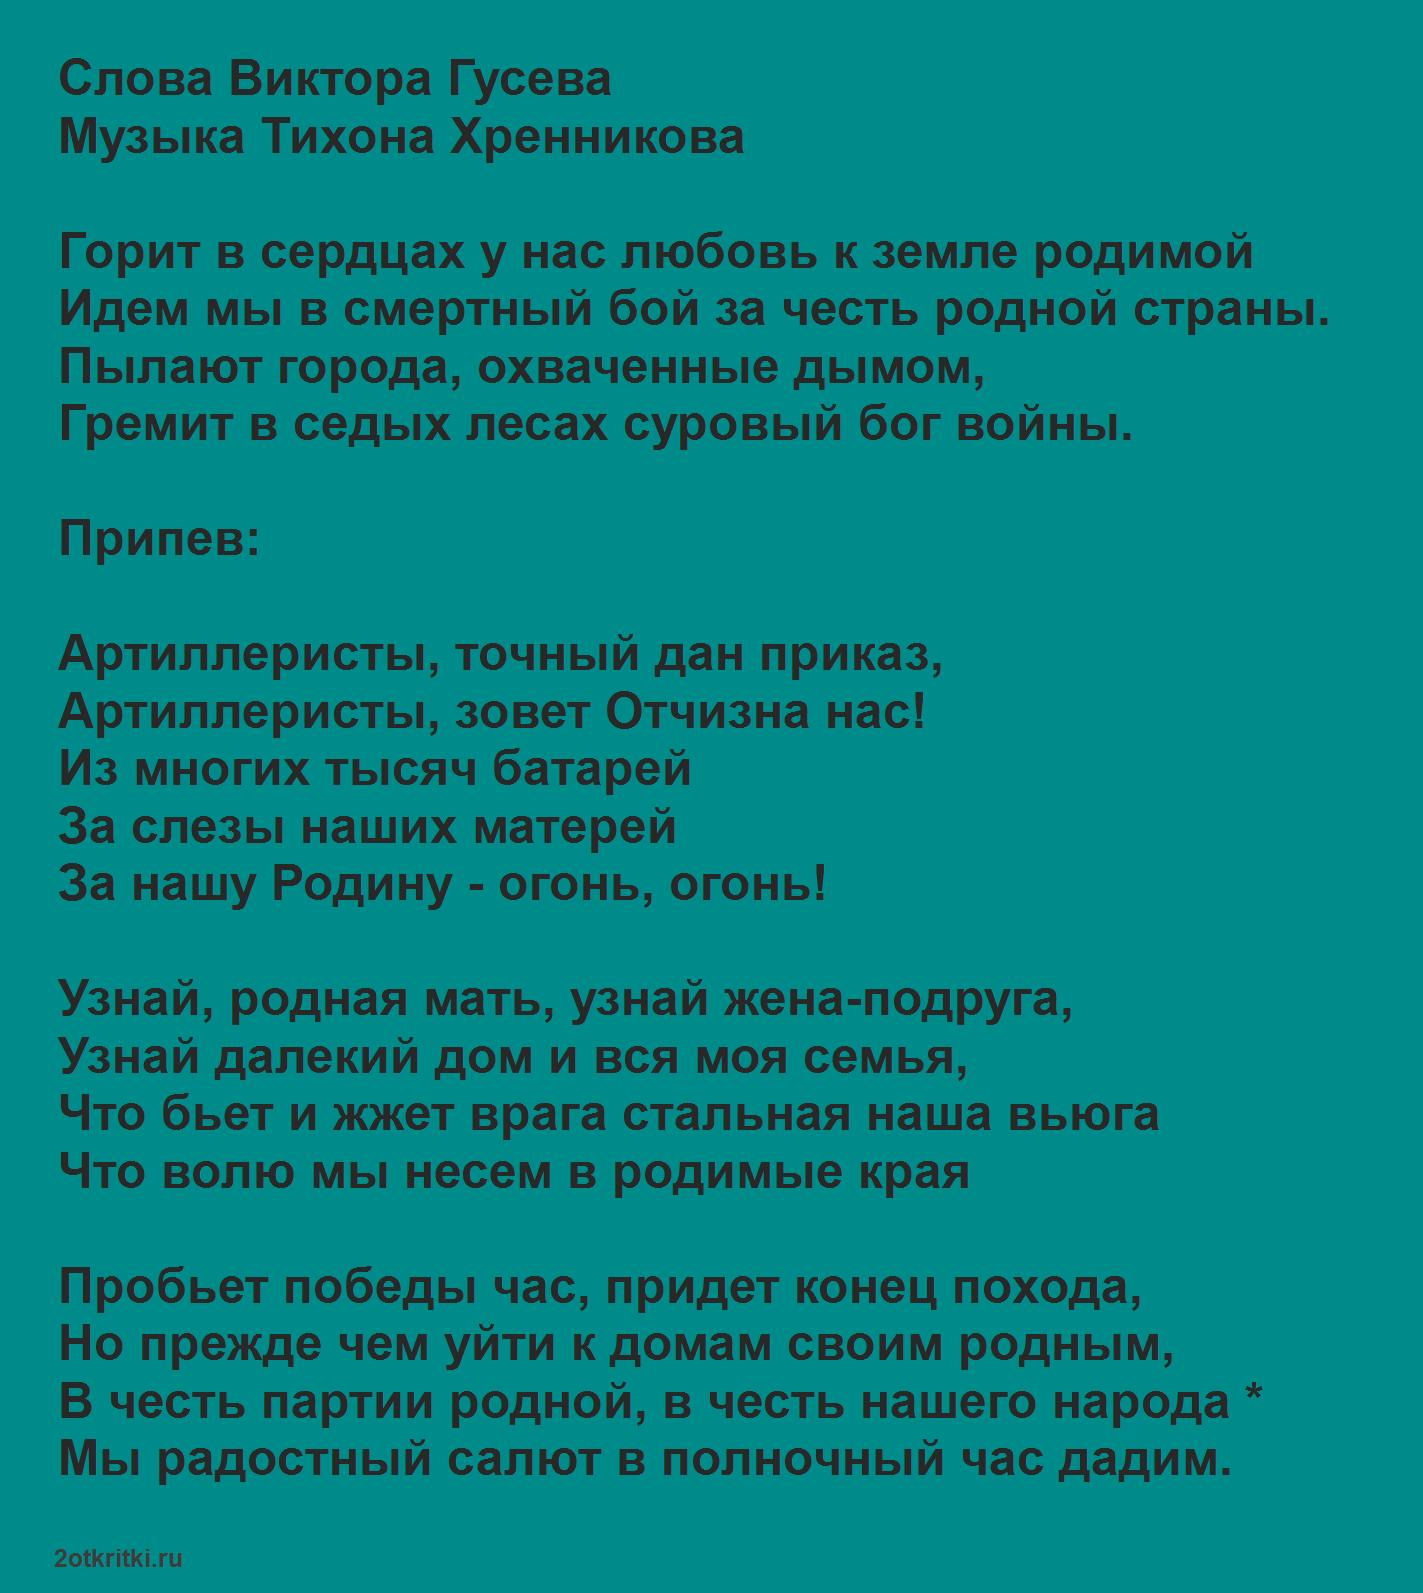 Песня на 23 февраля для детей - Песня артиллеристов